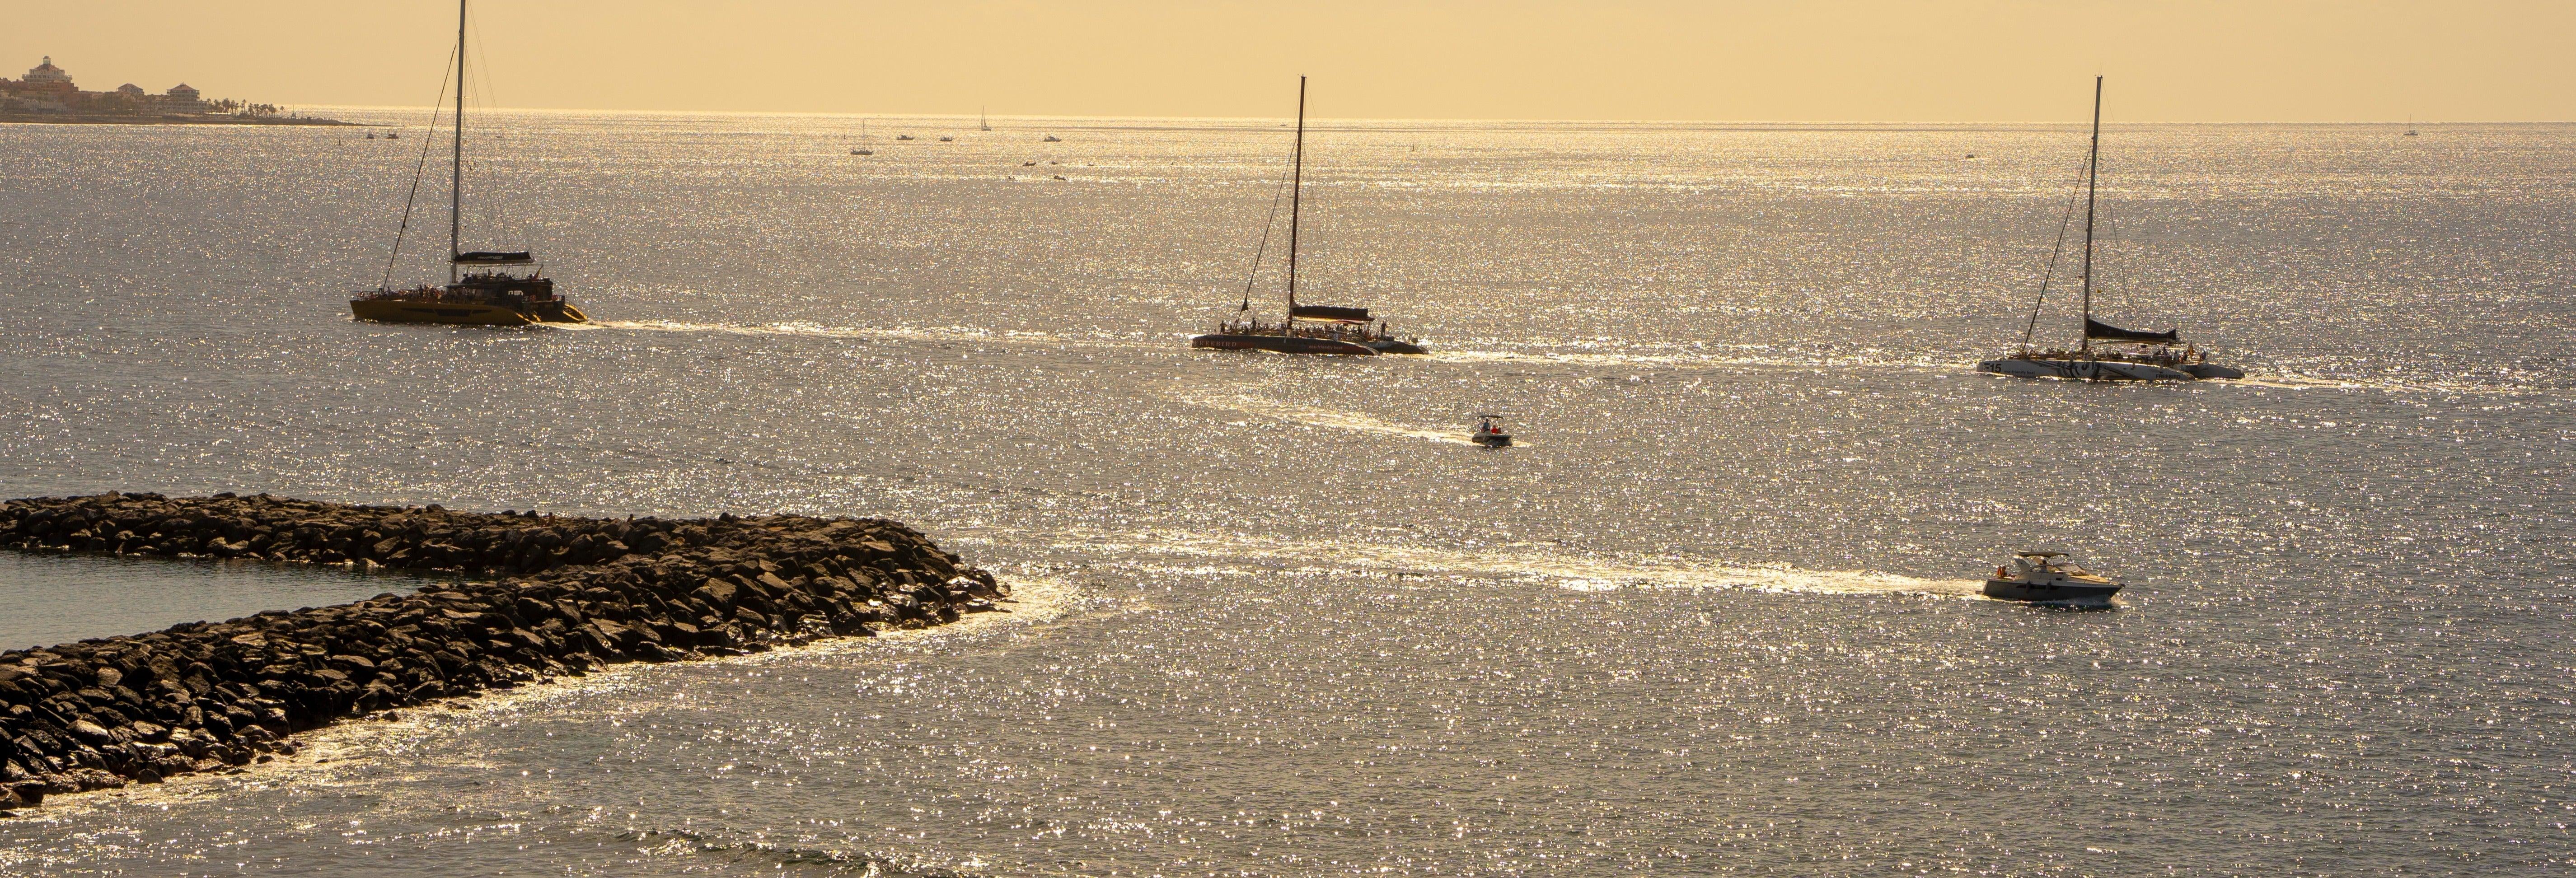 Noleggio di barche senza licenza a Costa Adeje